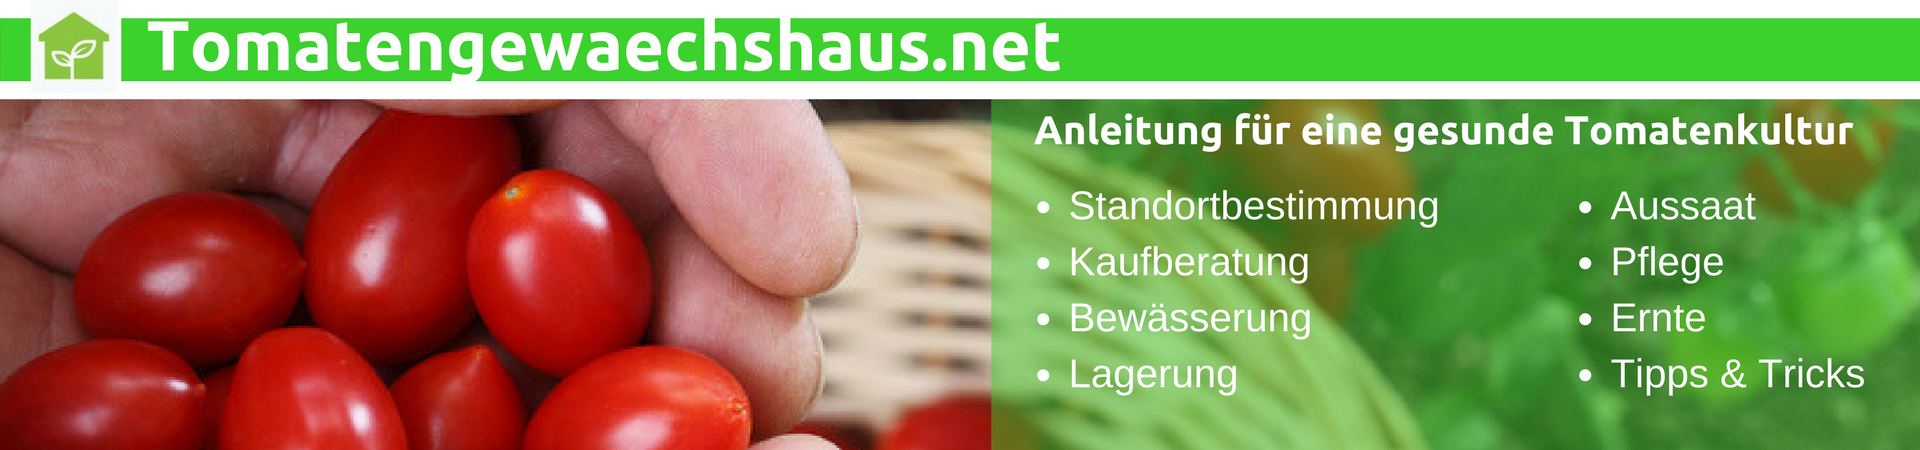 Tomatengewächshaus: Diese Tomatenhäuser empfehlen wir Ihnen